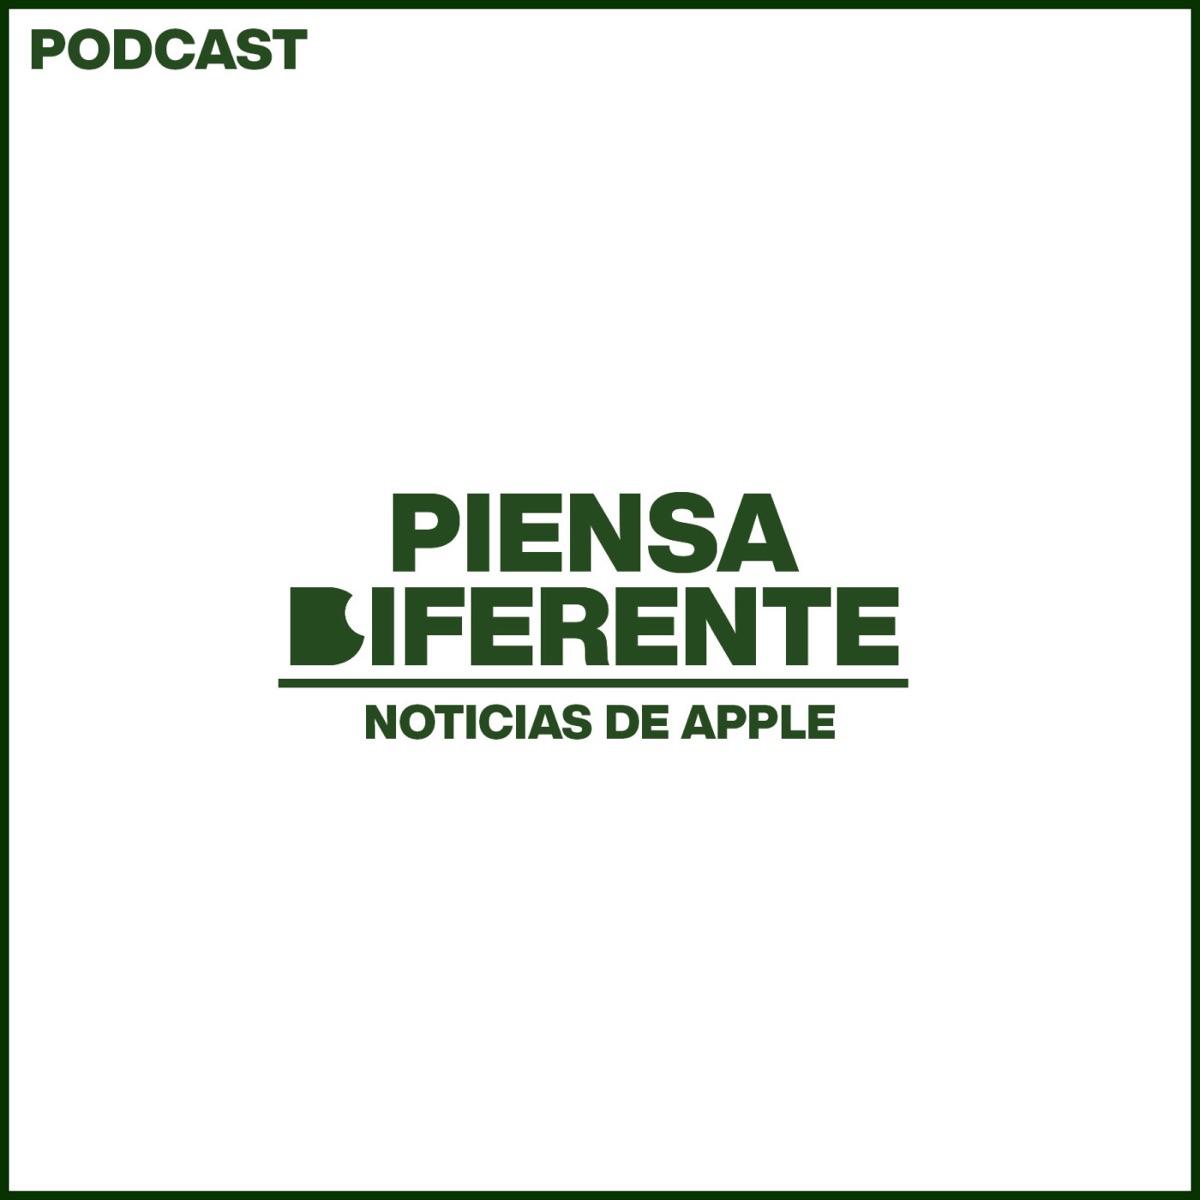 Piensa Diferente - Noticias de Apple